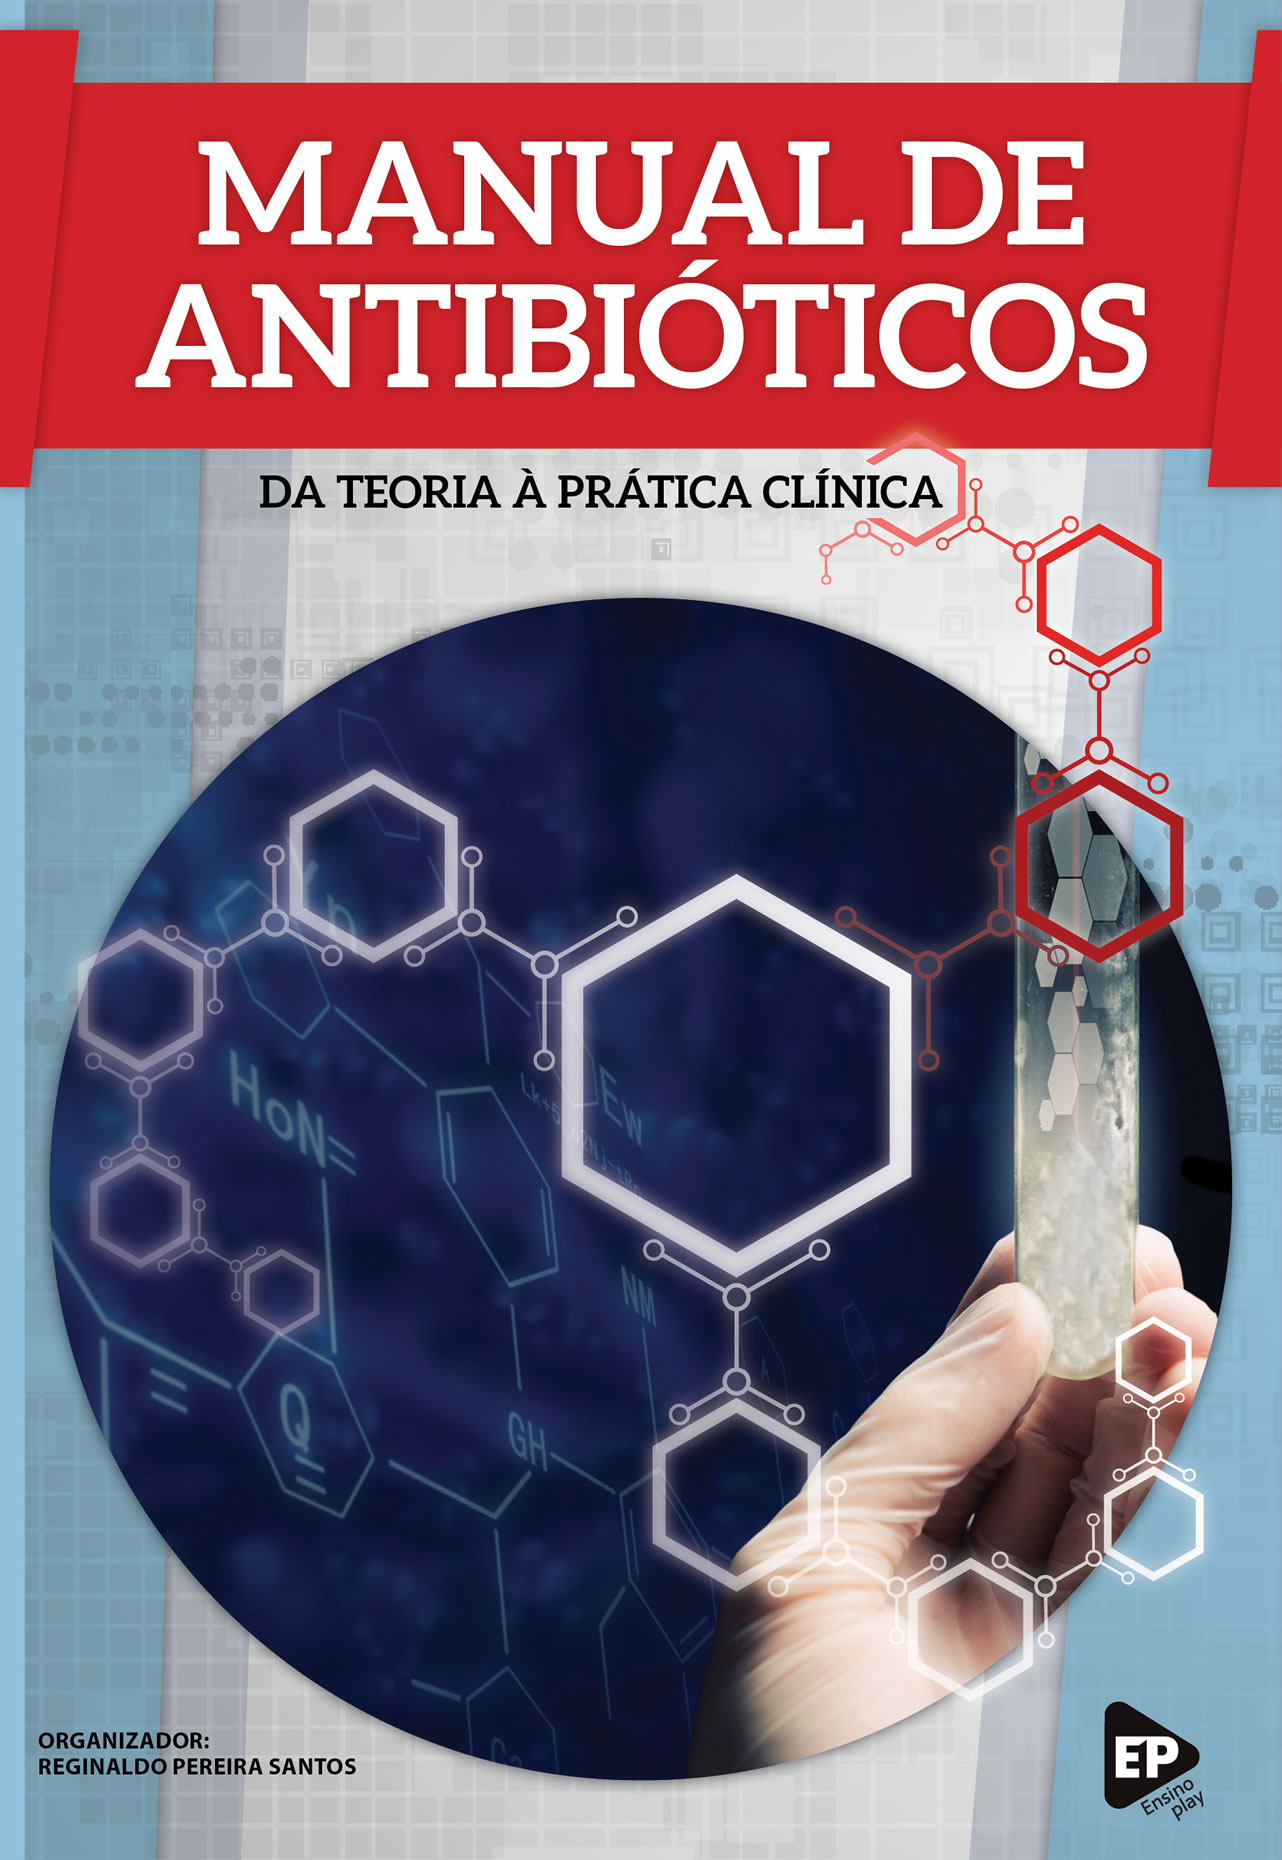 Manual de Antibióticos da Teoria à Prática Clínica